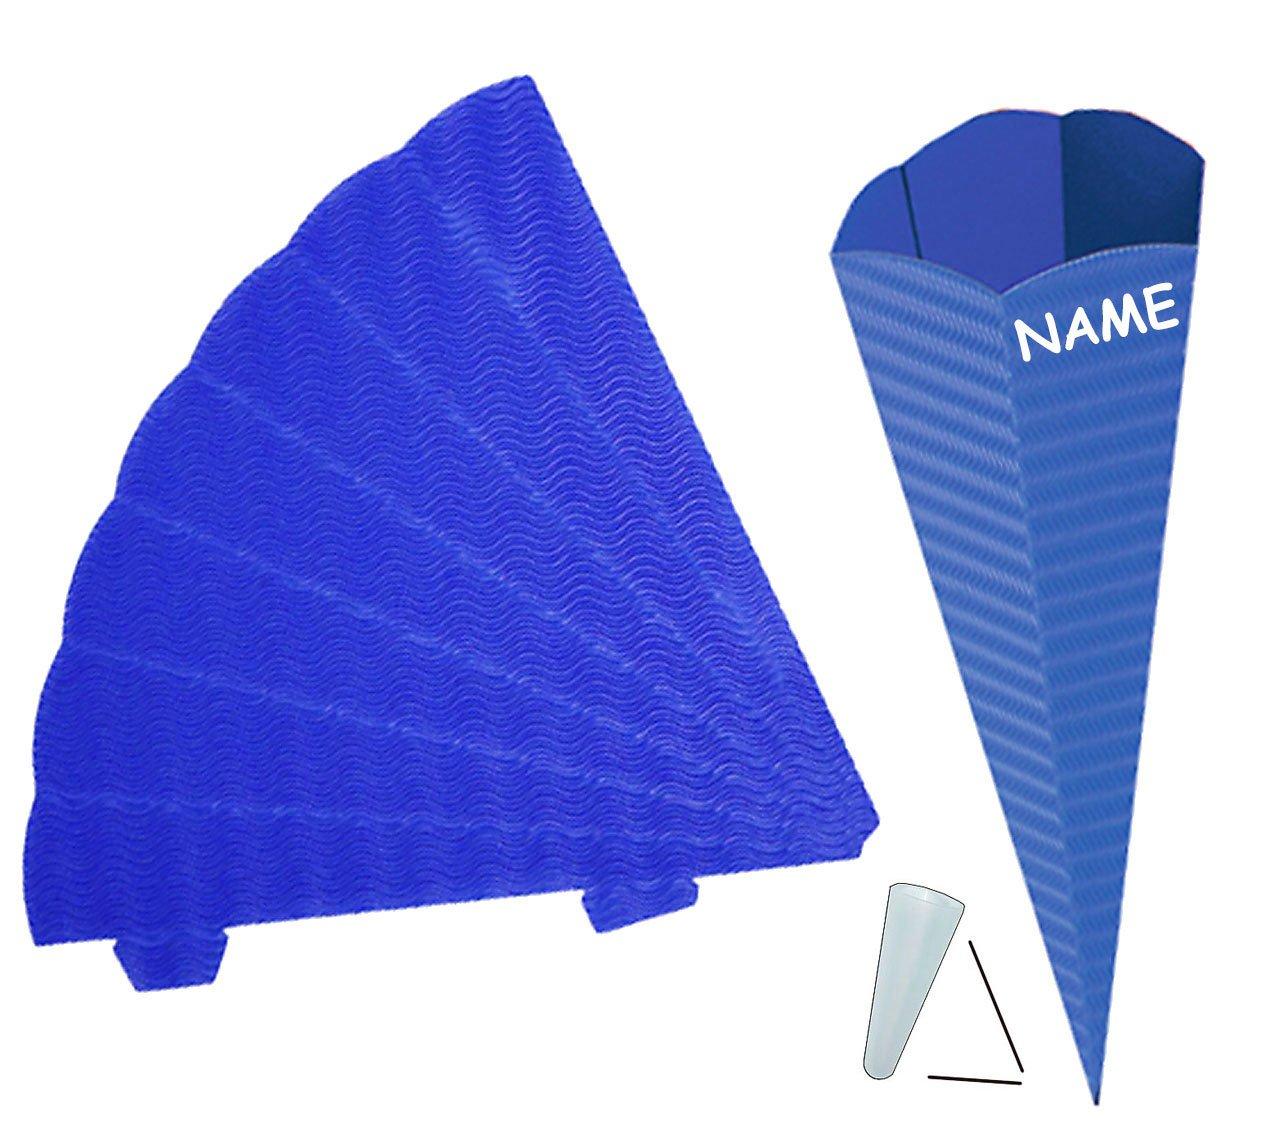 mit // ohne Kunststoff Spitze blau // dunkelblau 42 cm Bastelschult/üte -.. Unbekannt Zuckert/üte Rohling aus 3-D Wellpappe 6 eckig Schult/üte zum selber Basteln